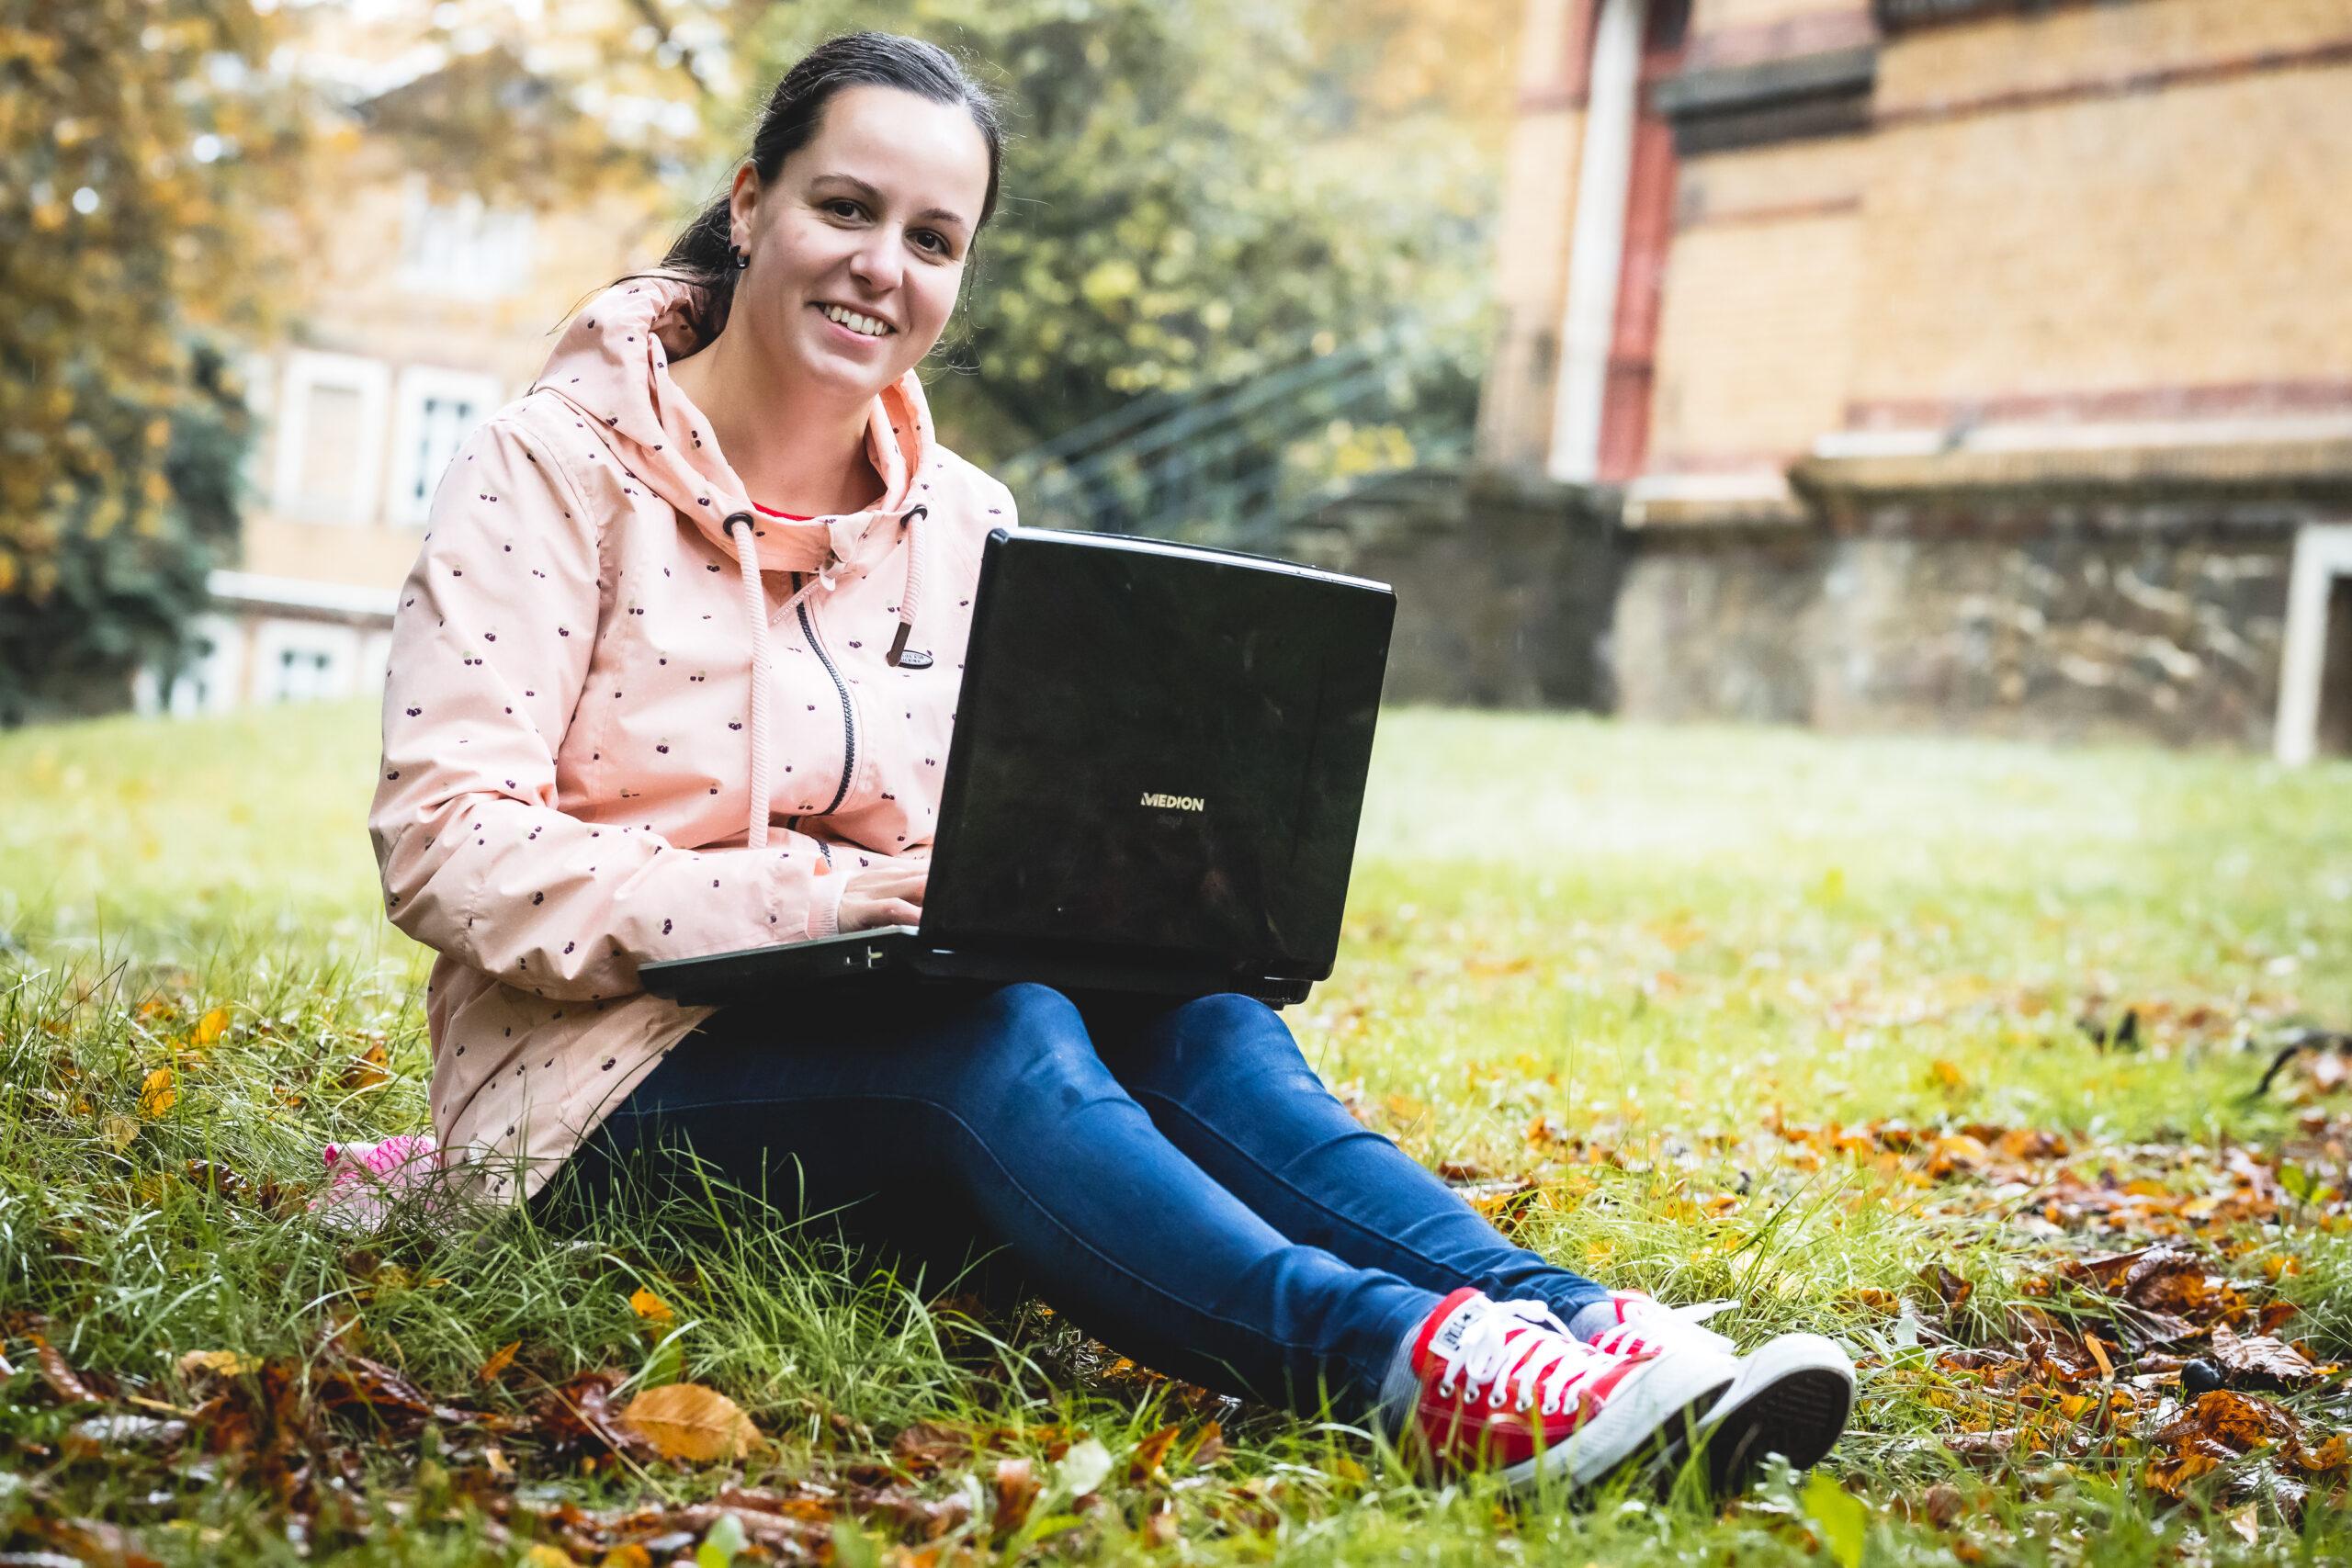 Kristin Cseresznye Virtuelle Assistenz